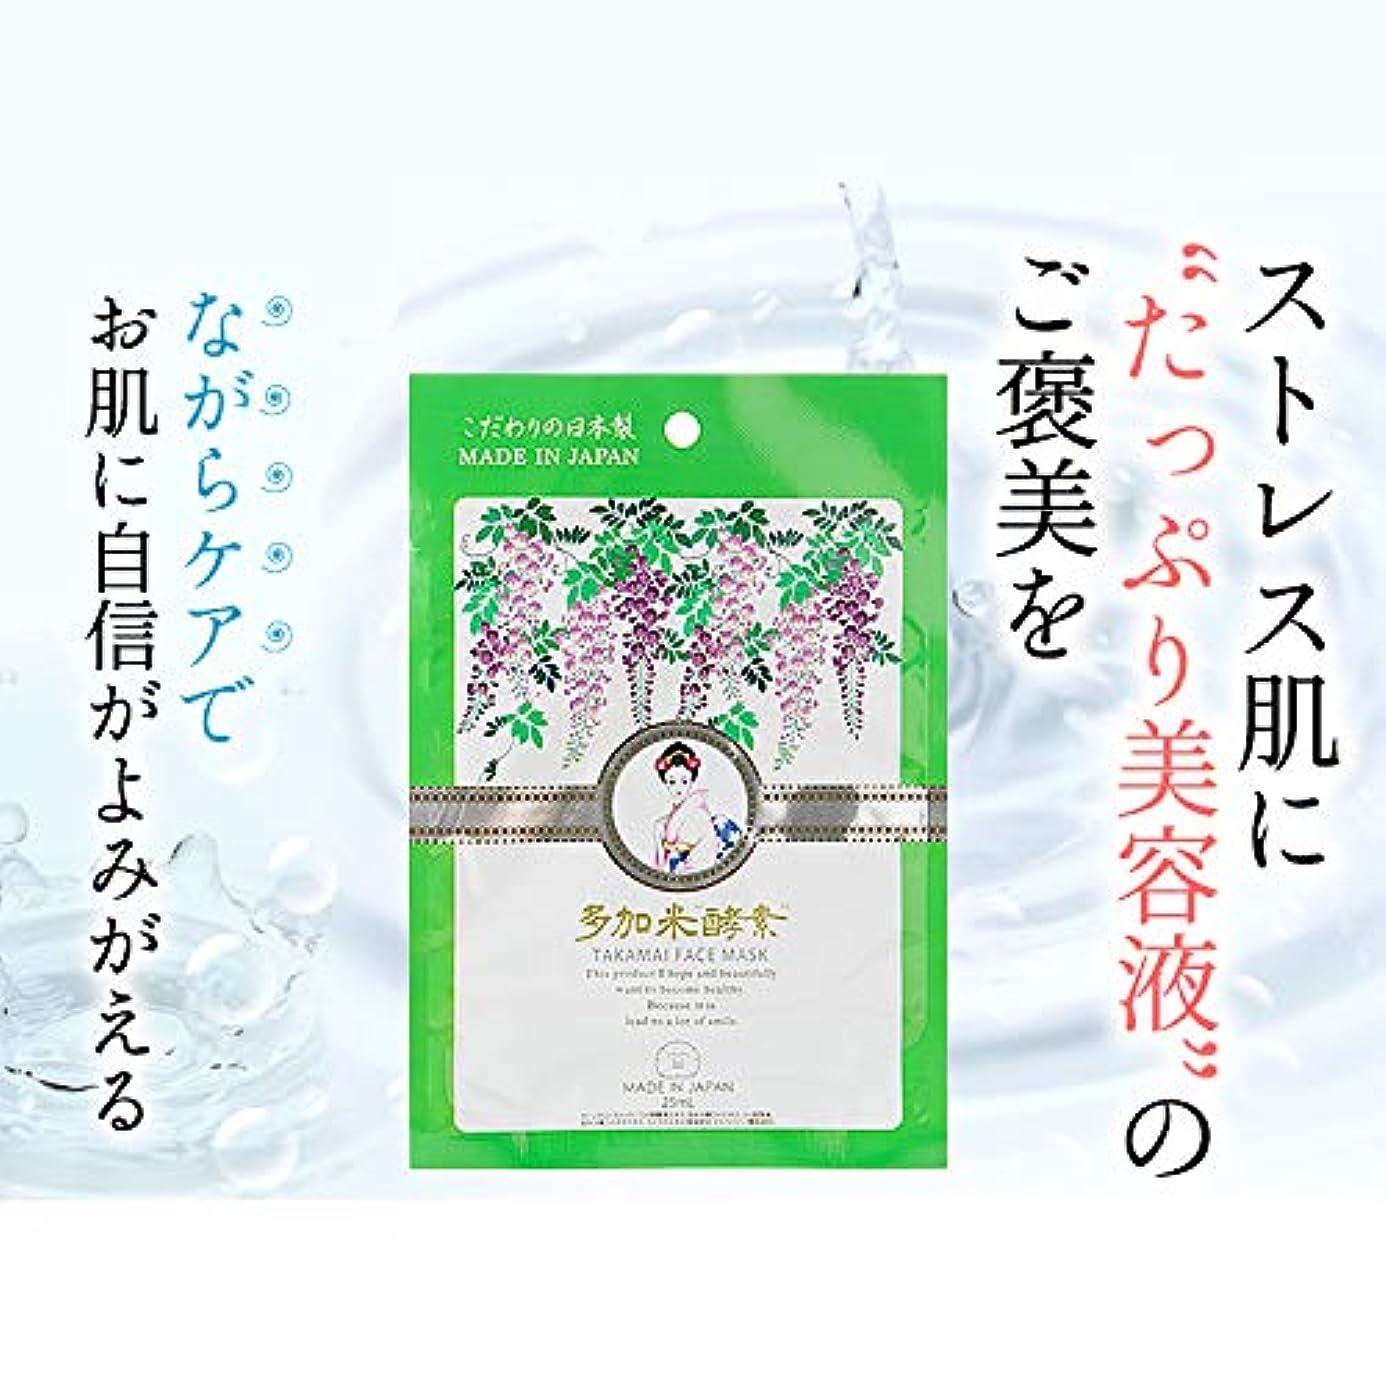 ジョイント減衰満州多加米酵素フェイスマスク シートマスク フェイスマスク 保湿マスク 美容液 25ml 10枚セット